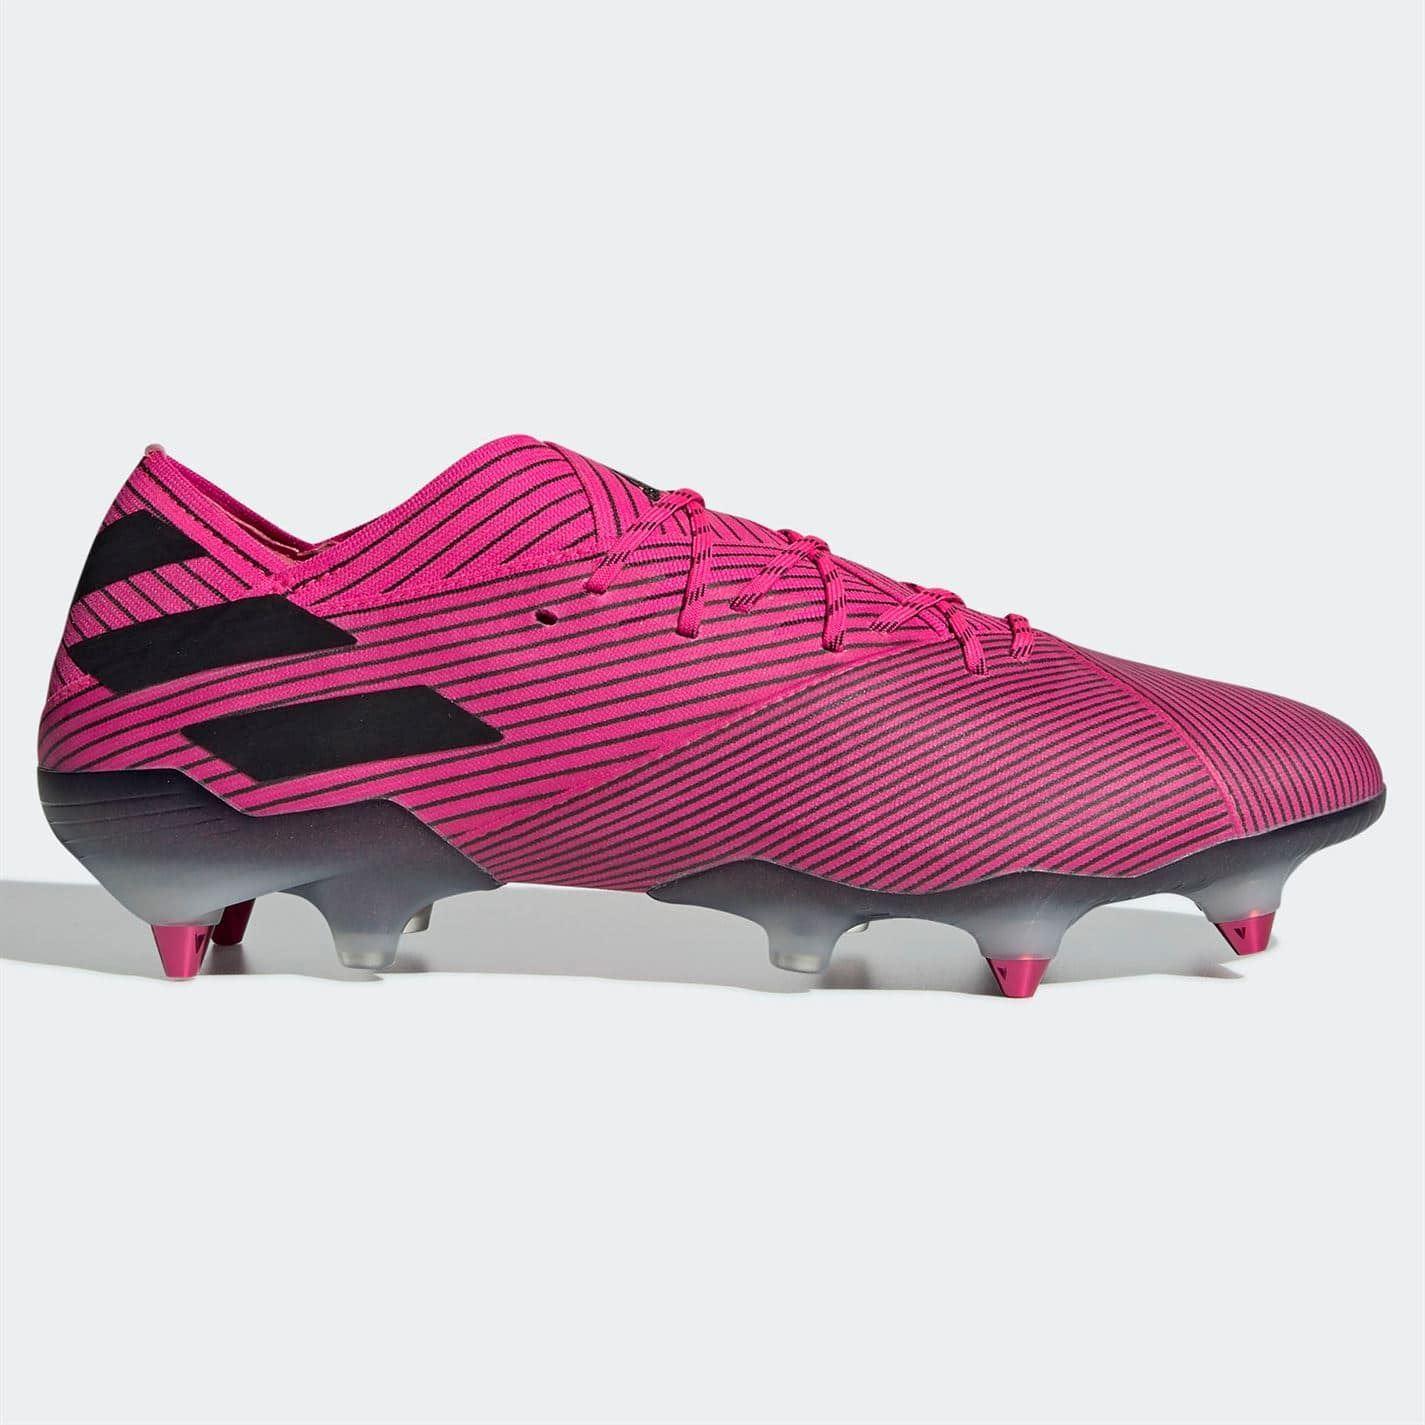 adidas Nemeziz 19.1 SG Football Boots